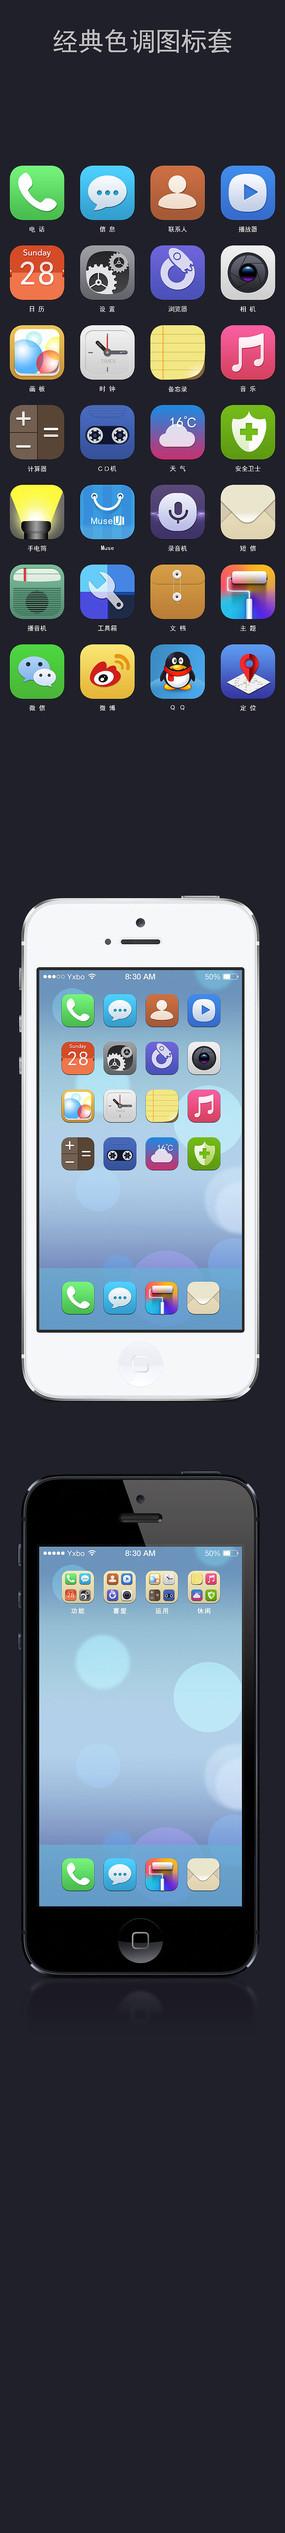 2D扁平風格28個圖標套手機模板展示 PSD